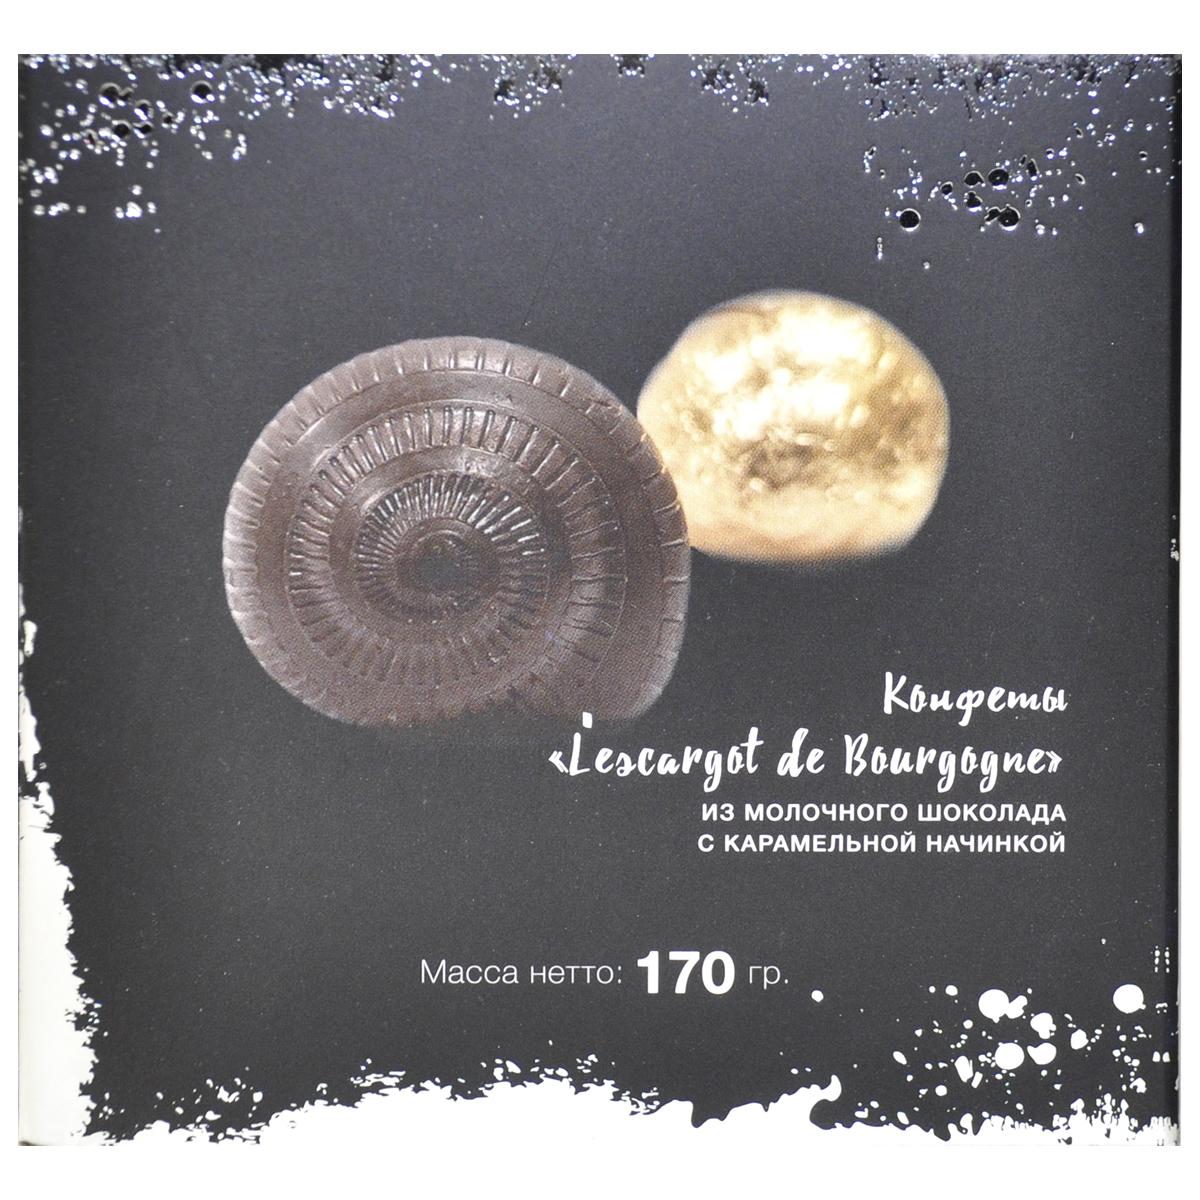 Конфеты из молочного шоколада с карамельной начинкой «L'escargot de Bourgogne» CEZONI 170 г